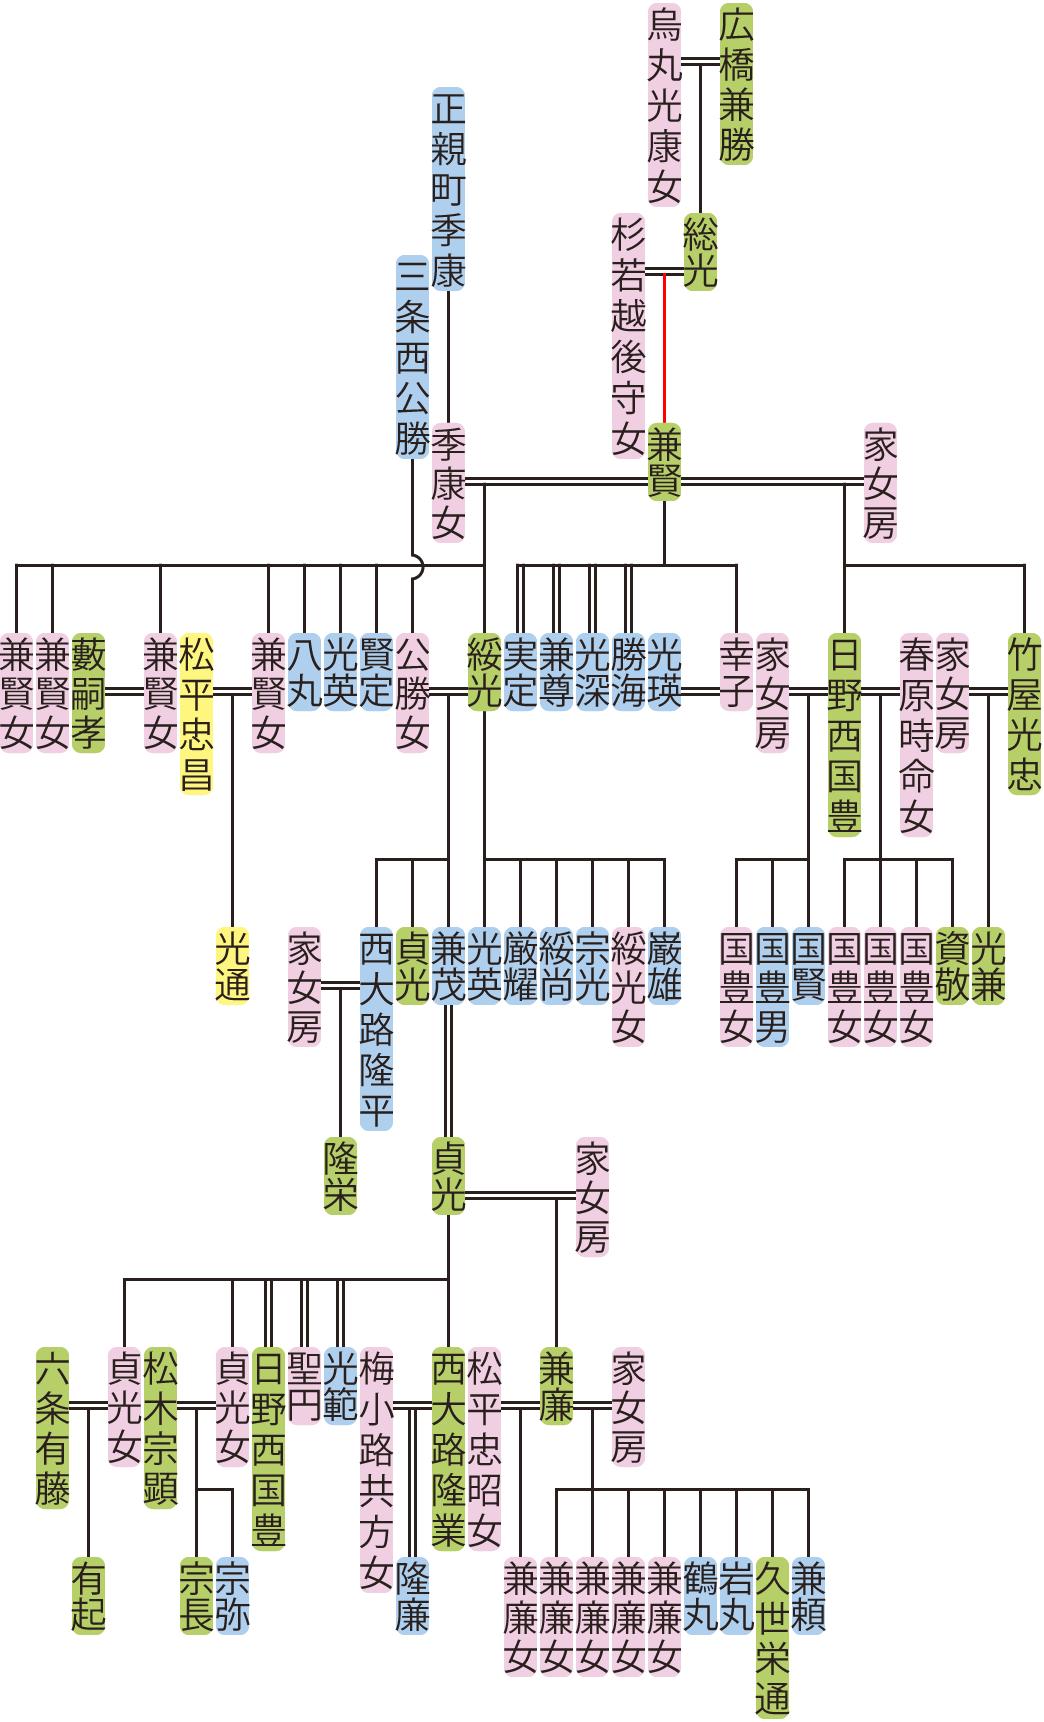 広橋兼賢~貞光の系図